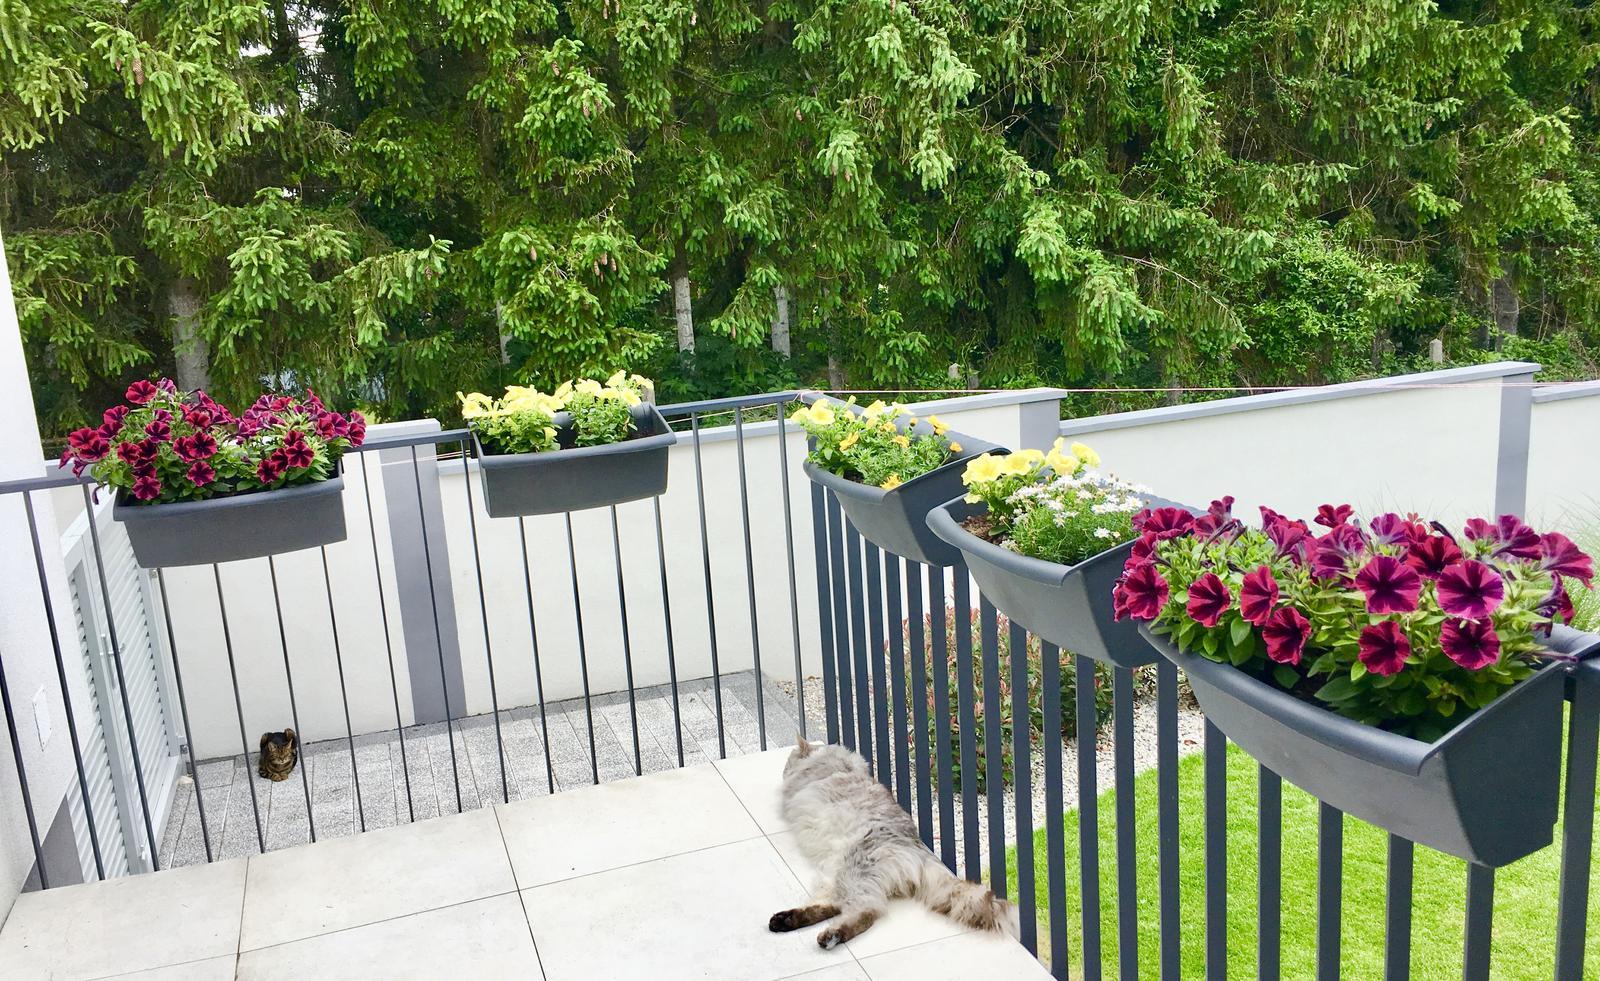 Letna kuchyna & kvety na terase - Obrázok č. 3